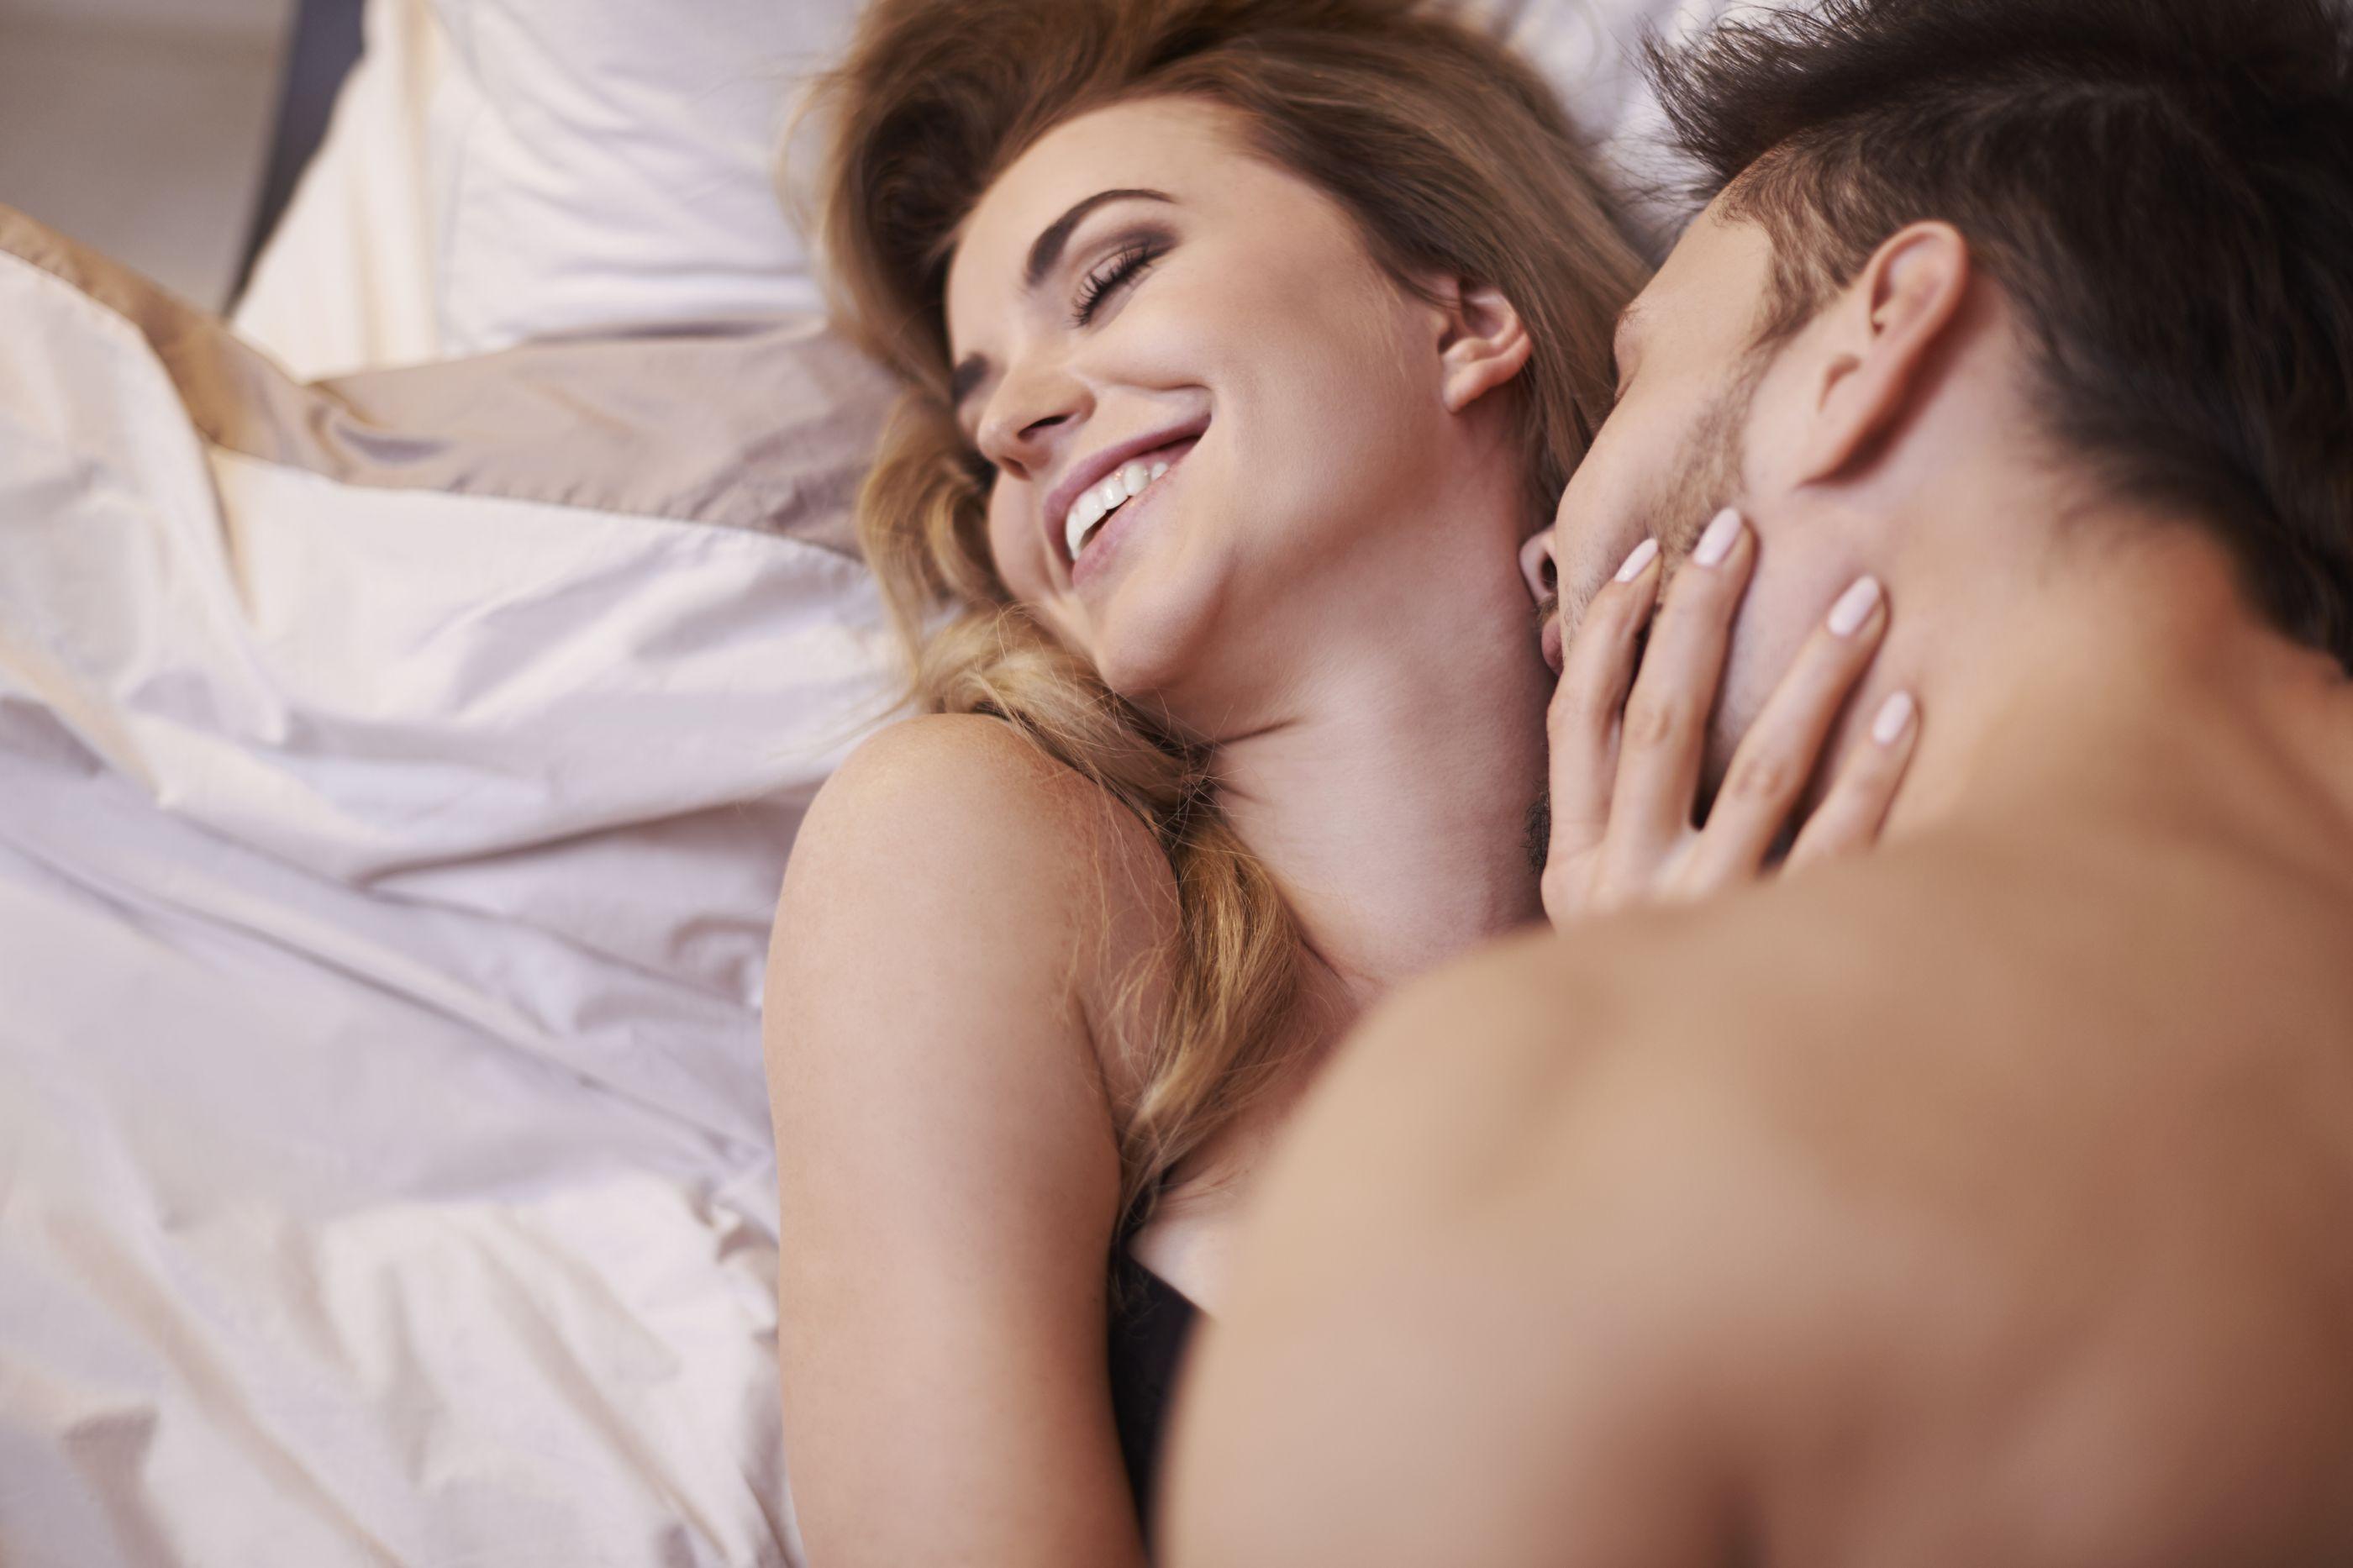 Homens com esta rotina duram dobro do tempo durante o sexo...